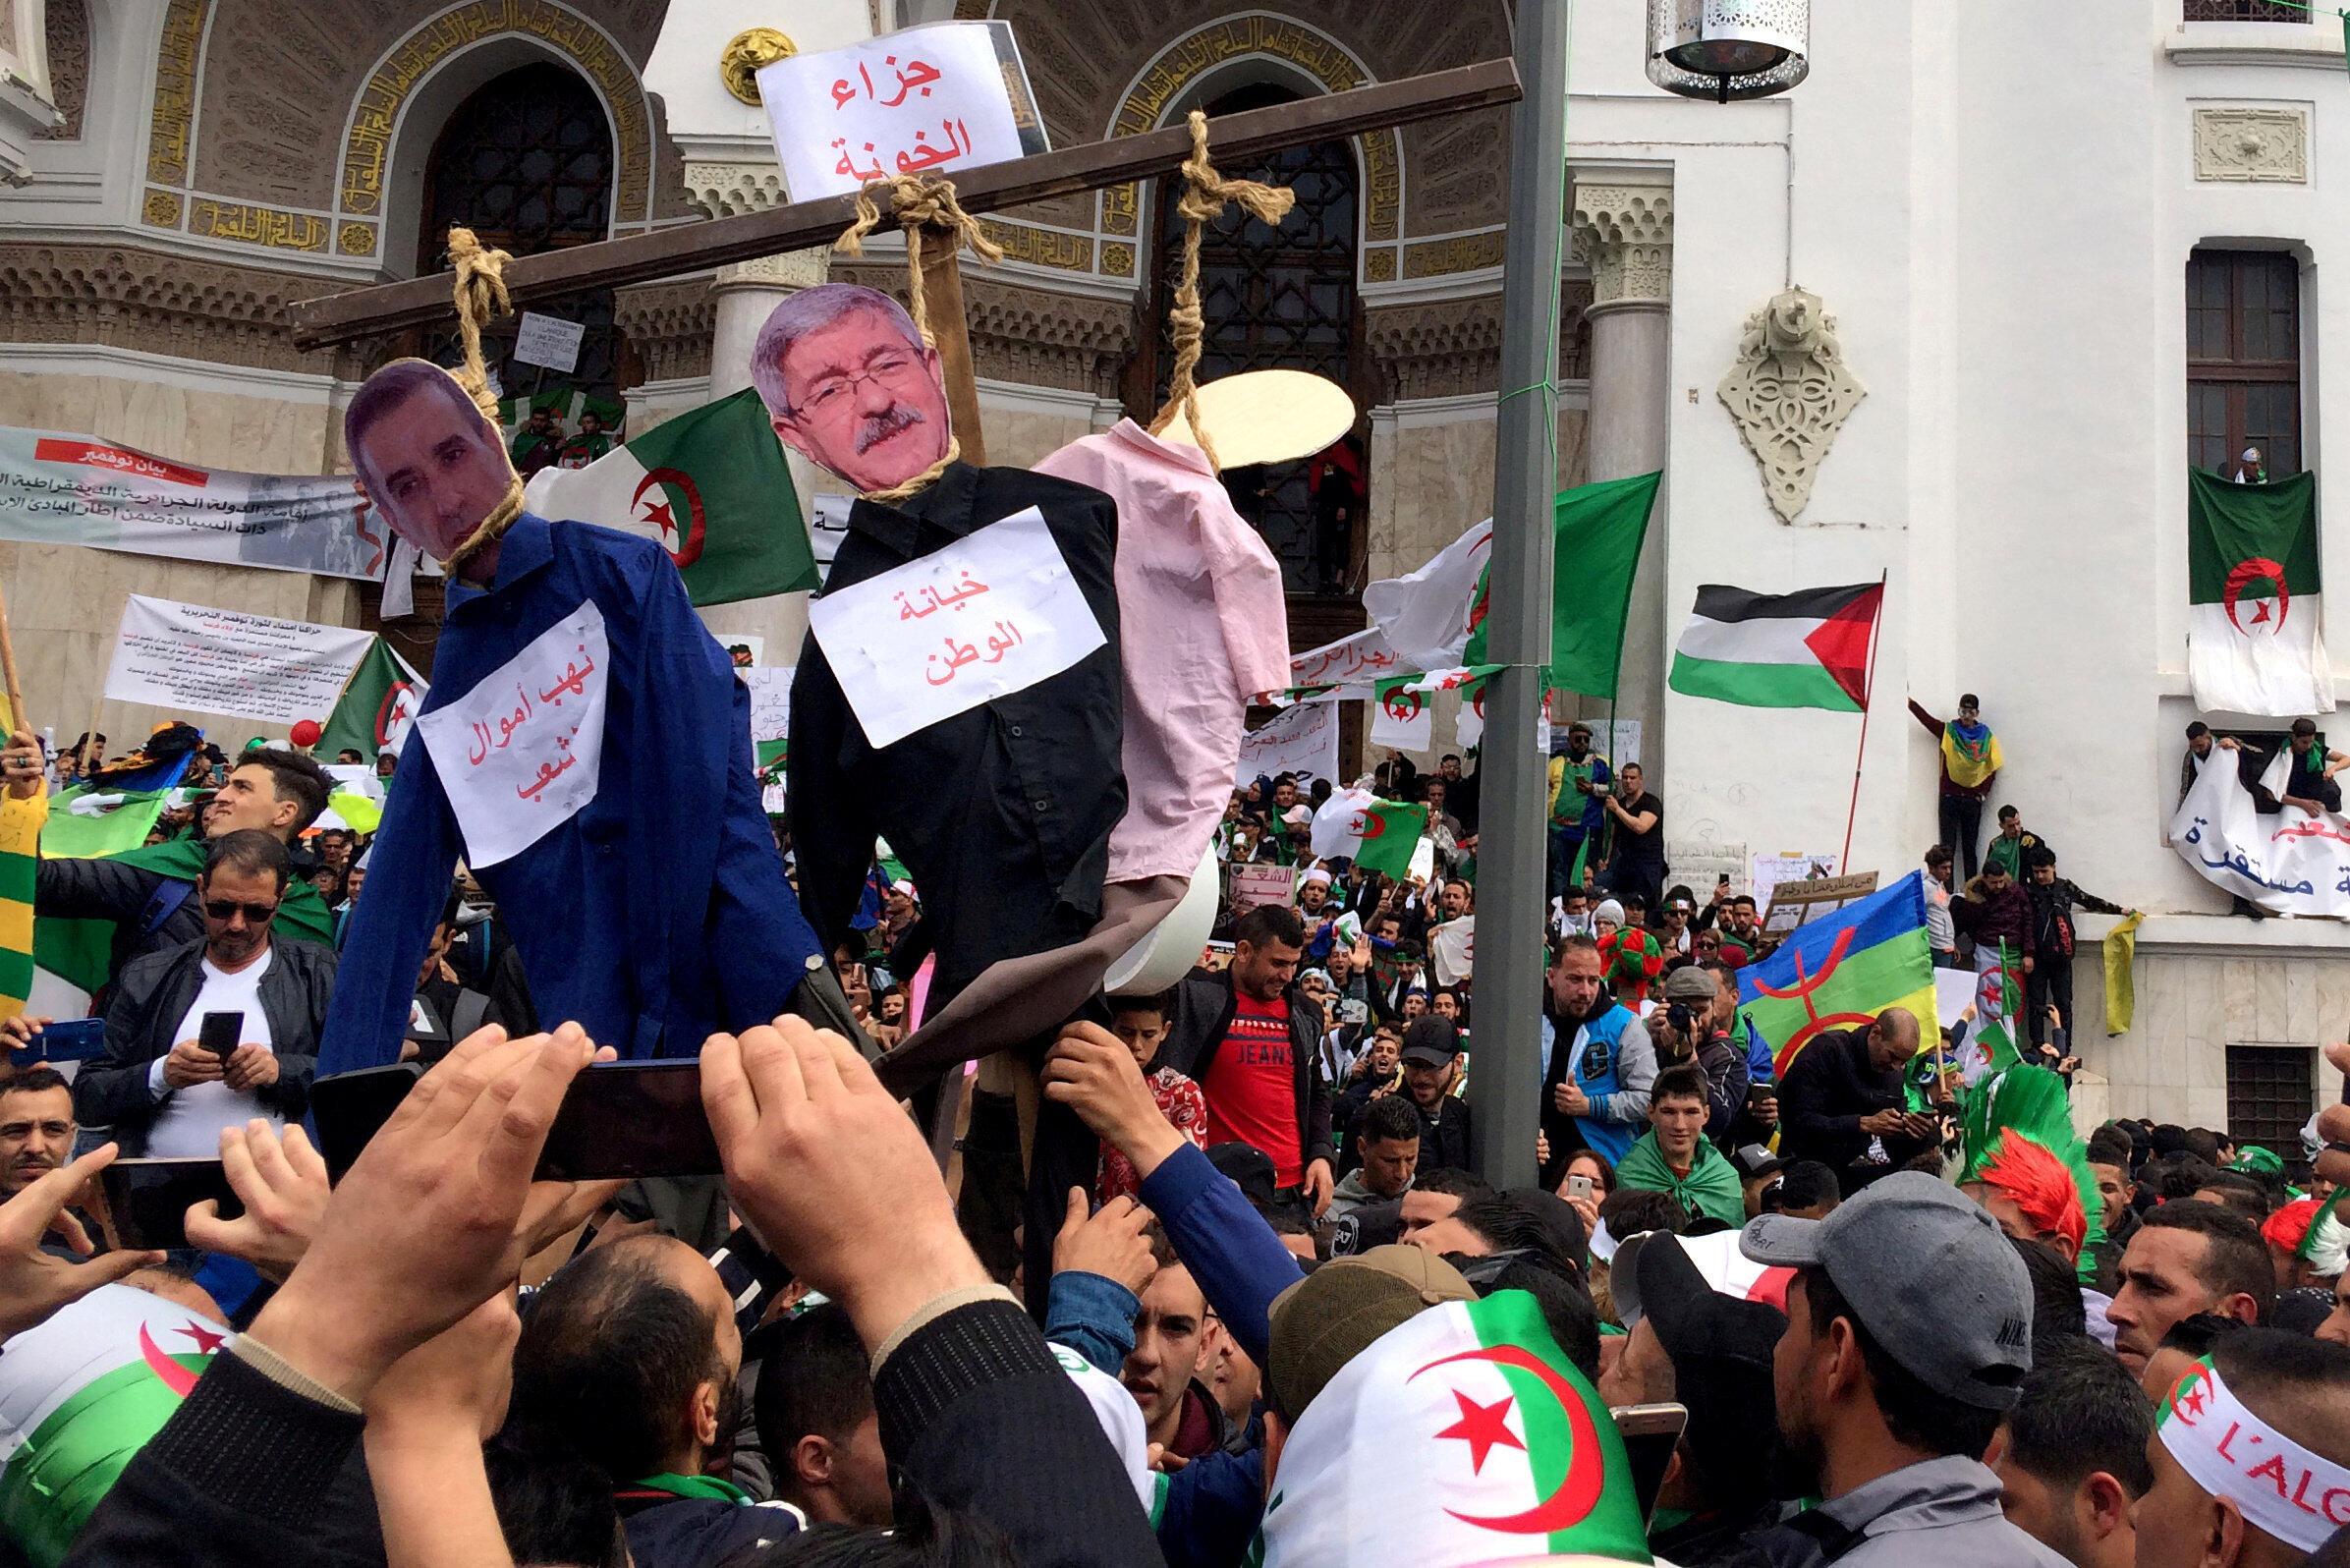 Des milliers de manifestants dans les rues d'Alger, le 5 avril 2019, pour réclamer le départ des principaux cadres du système politique algérien.